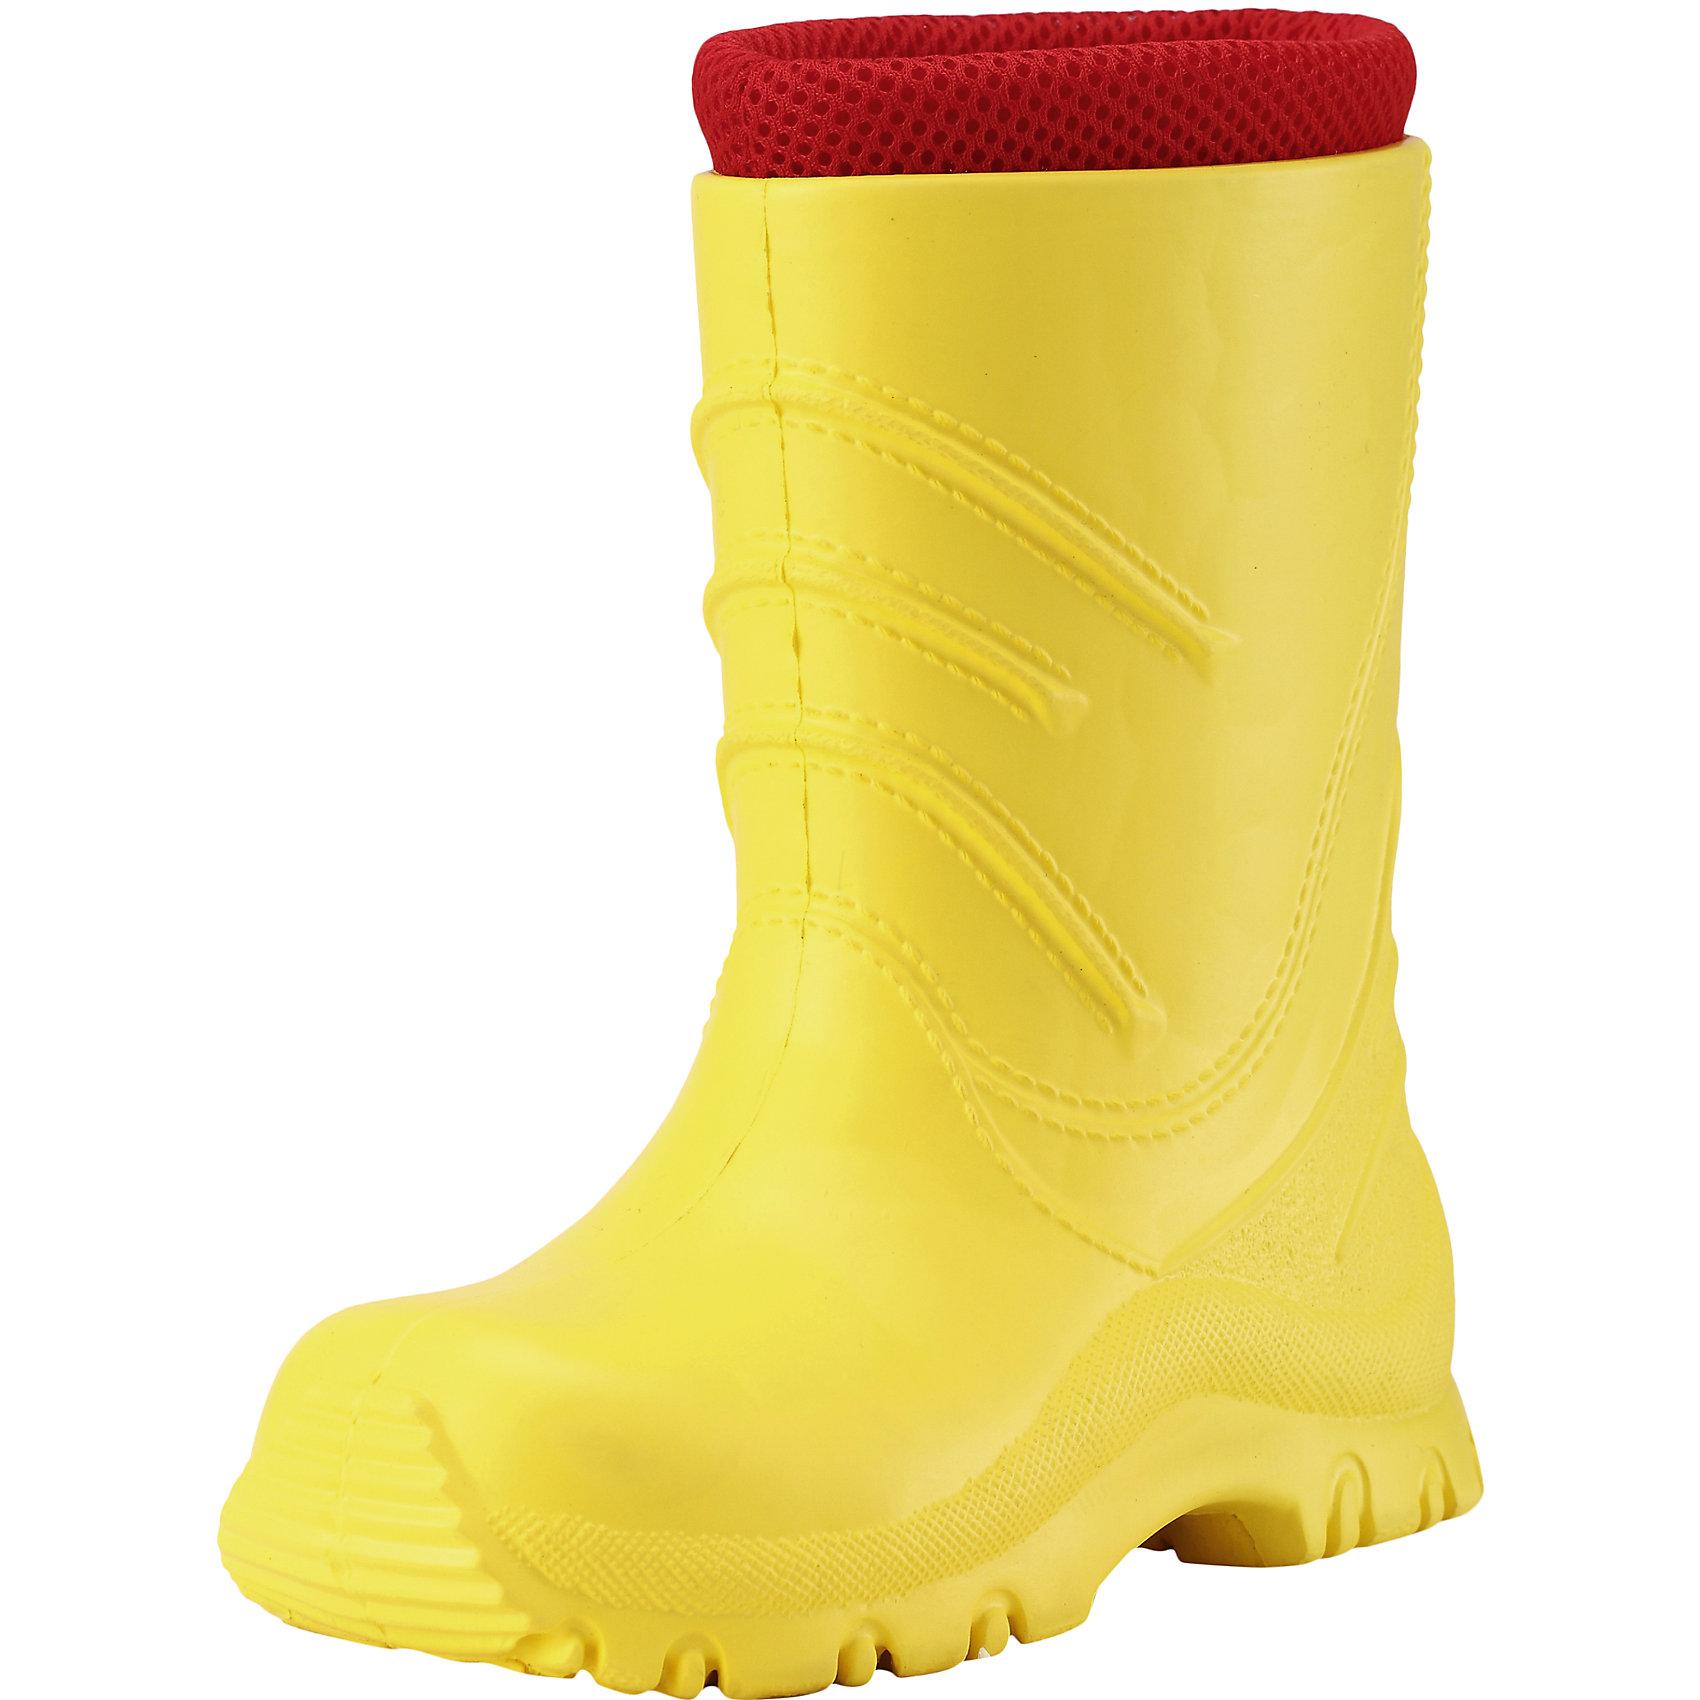 Резиновые сапоги Frillo Reimatec® ReimaОбувь<br>Резиновые сапоги  Reimatec® Reima<br>Резиновые сапоги для детей и малышей. Водонепроницаемая демисезонная обувь. Эластичная и легкая подошва из ЭВА. Текстильная подкладка. Съемный носок. Легко надеваются на ноги. Без ПХВ.<br>Уход:<br>Храните обувь в вертикальном положении при комнатной температуре. Сушить обувь всегда следует при комнатной температуре: вынув съемные стельки. Стельки следует время от времени заменять на новые. Налипшую грязь можно счищать щеткой или влажной тряпкой. Перед использованием обувь рекомендуется обрабатывать специальными защитными средствами.<br>Состав:<br>Подошва: 100% EVA, Верх: 100% EVA<br><br>Ширина мм: 237<br>Глубина мм: 180<br>Высота мм: 152<br>Вес г: 438<br>Цвет: желтый<br>Возраст от месяцев: 120<br>Возраст до месяцев: 132<br>Пол: Унисекс<br>Возраст: Детский<br>Размер: 34,28,30,26,32,22,24<br>SKU: 4776656